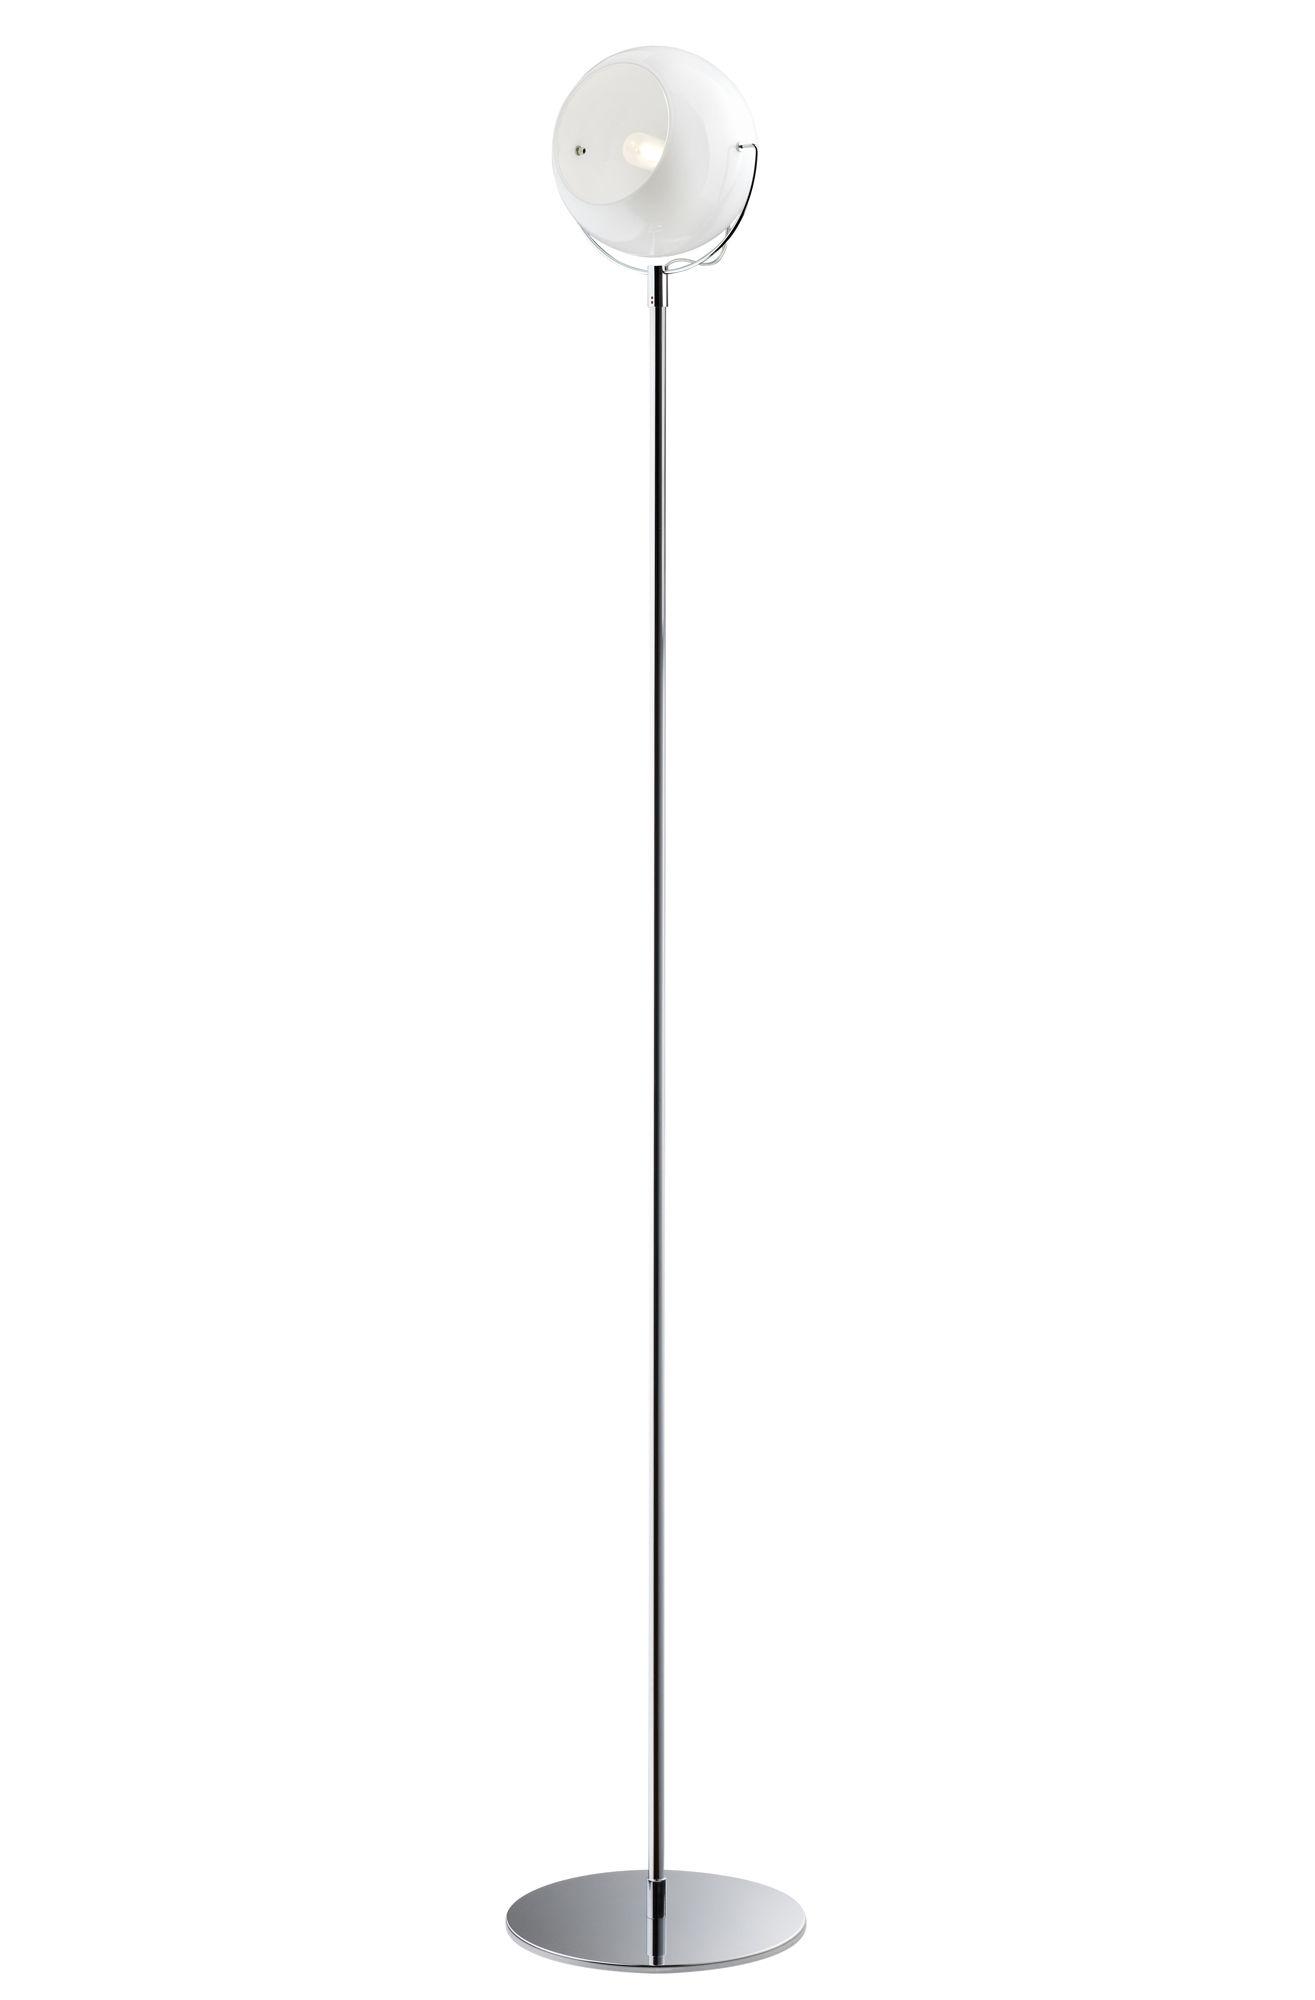 Illuminazione - Lampade da terra - Lampada a stelo Beluga Verre blanc di Fabbian - Bianco - Metallo cromato, Vetro